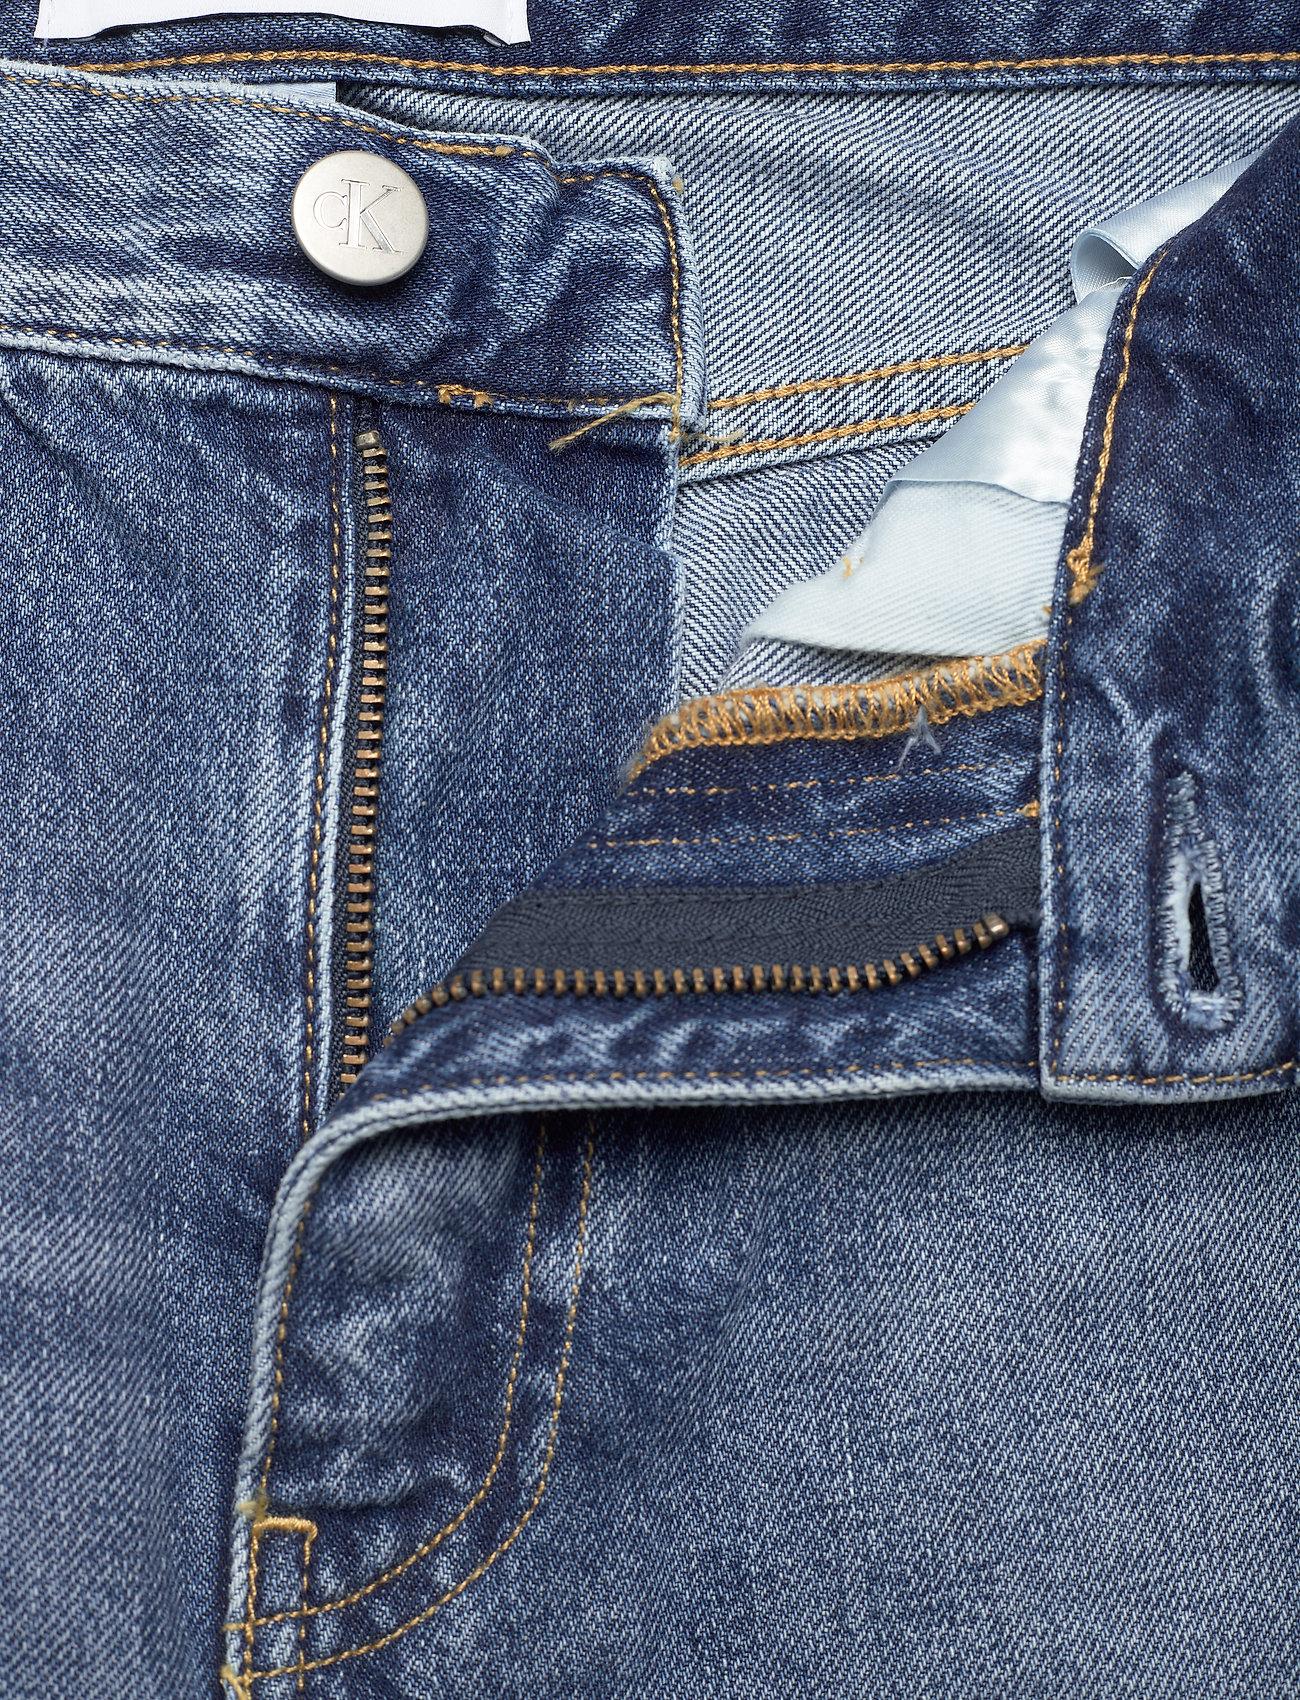 Calvin Klein Jeans - CKJ 030 HIGH RISE STRAIGHT ANKLE - straight regular - bb047 - icn light blue utility - 3